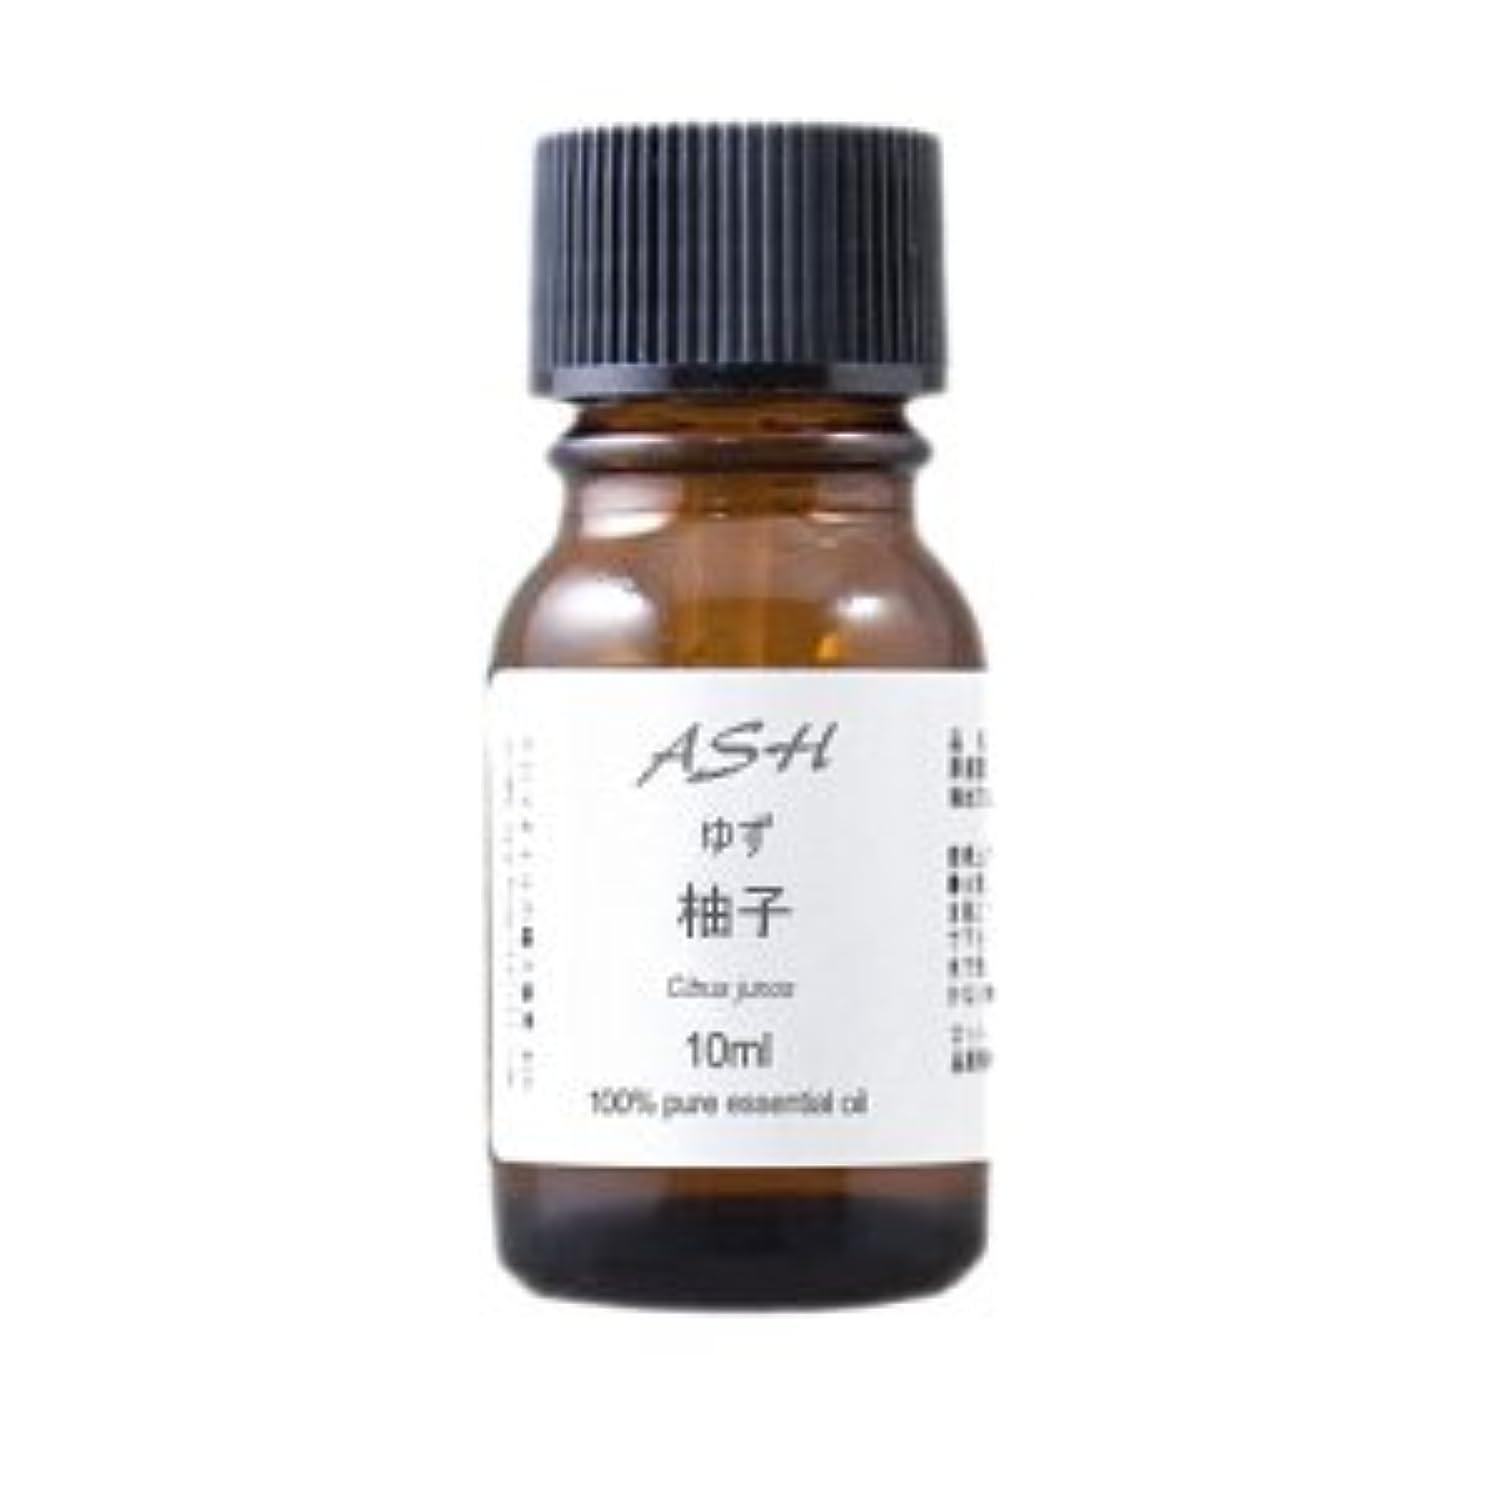 ディンカルビルヒップジョージエリオットASH 柚子 (ゆず) エッセンシャルオイル 10ml 【和精油】【Yuzu Essential Oil-Japan】 AEAJ表示基準適合認定精油